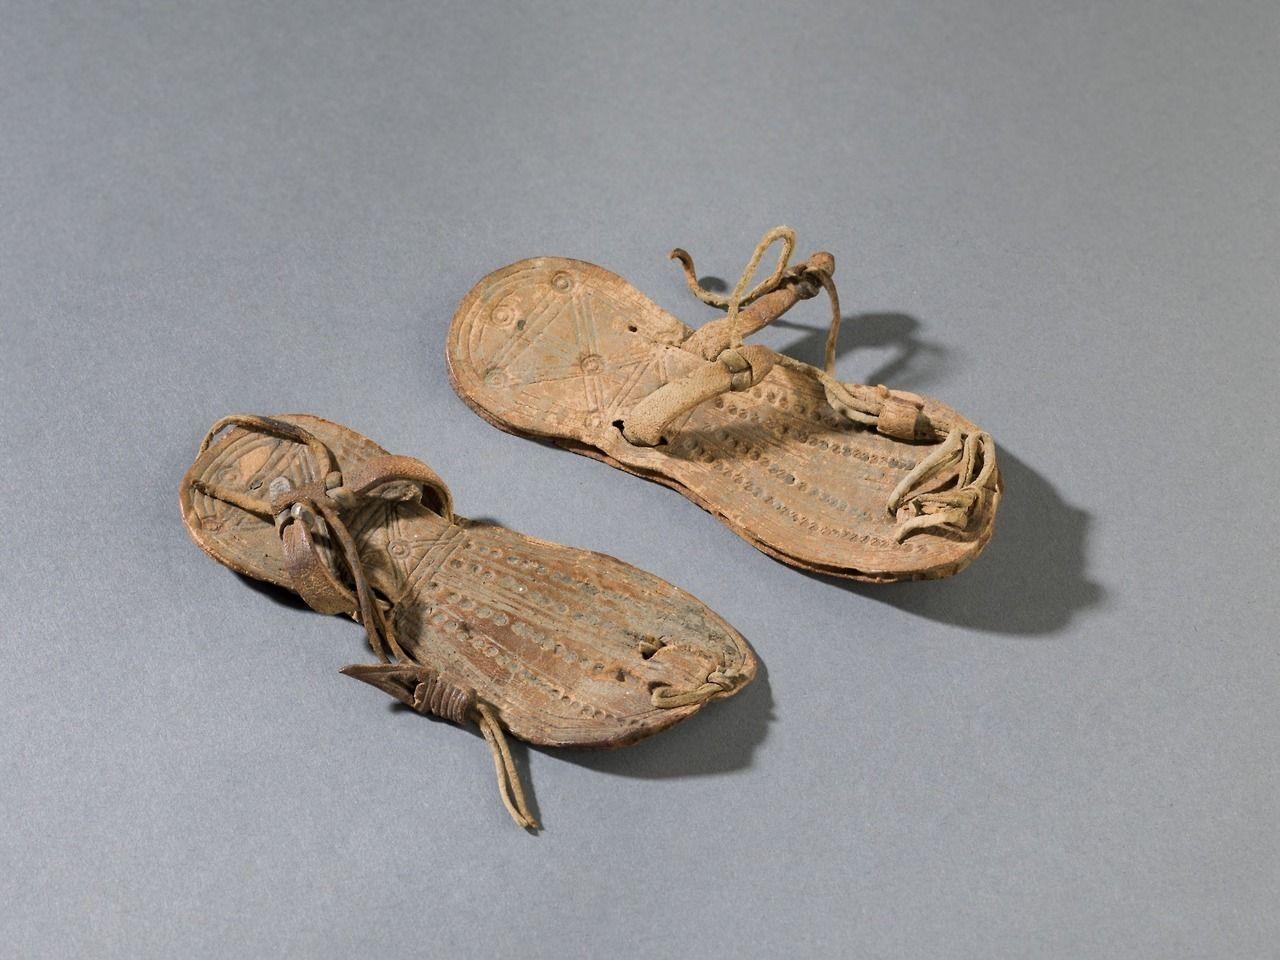 bf856f11c81e Pair of Child s leather sandals. 332 B.C.-30 B.C. Egypt.